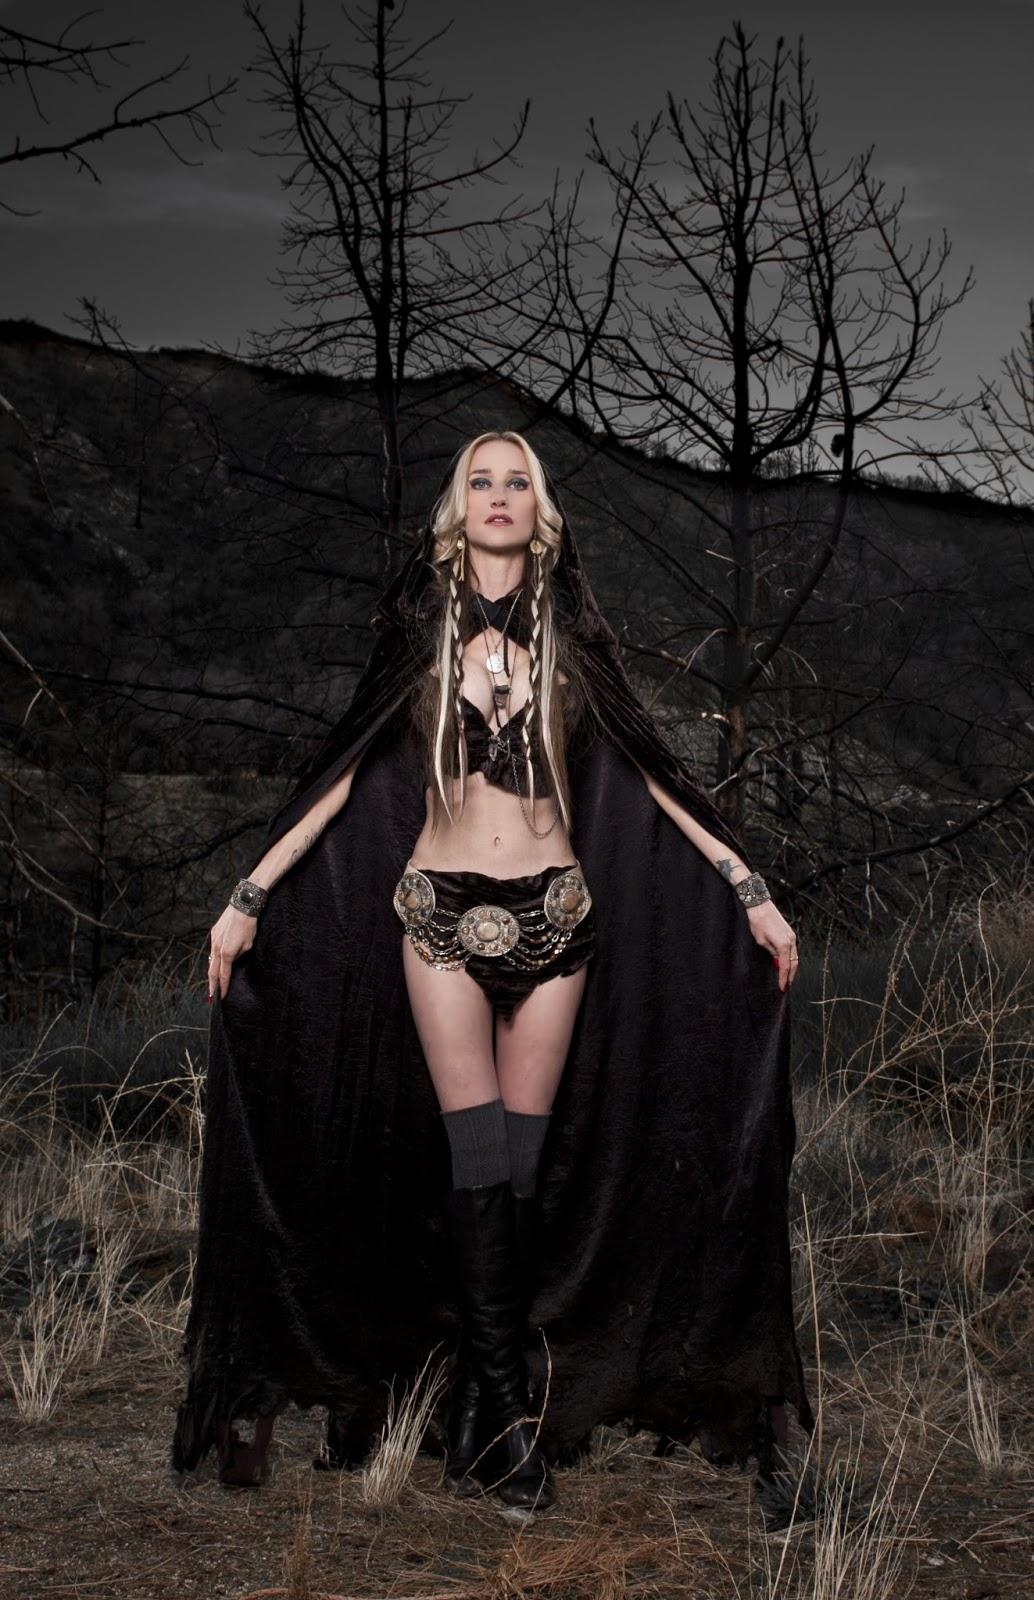 http://4.bp.blogspot.com/-yYy_WAyJUH0/UcQtoYKJwRI/AAAAAAAAY7g/XsIlyXCtyr0/s1600/Jill-Janus.jpg